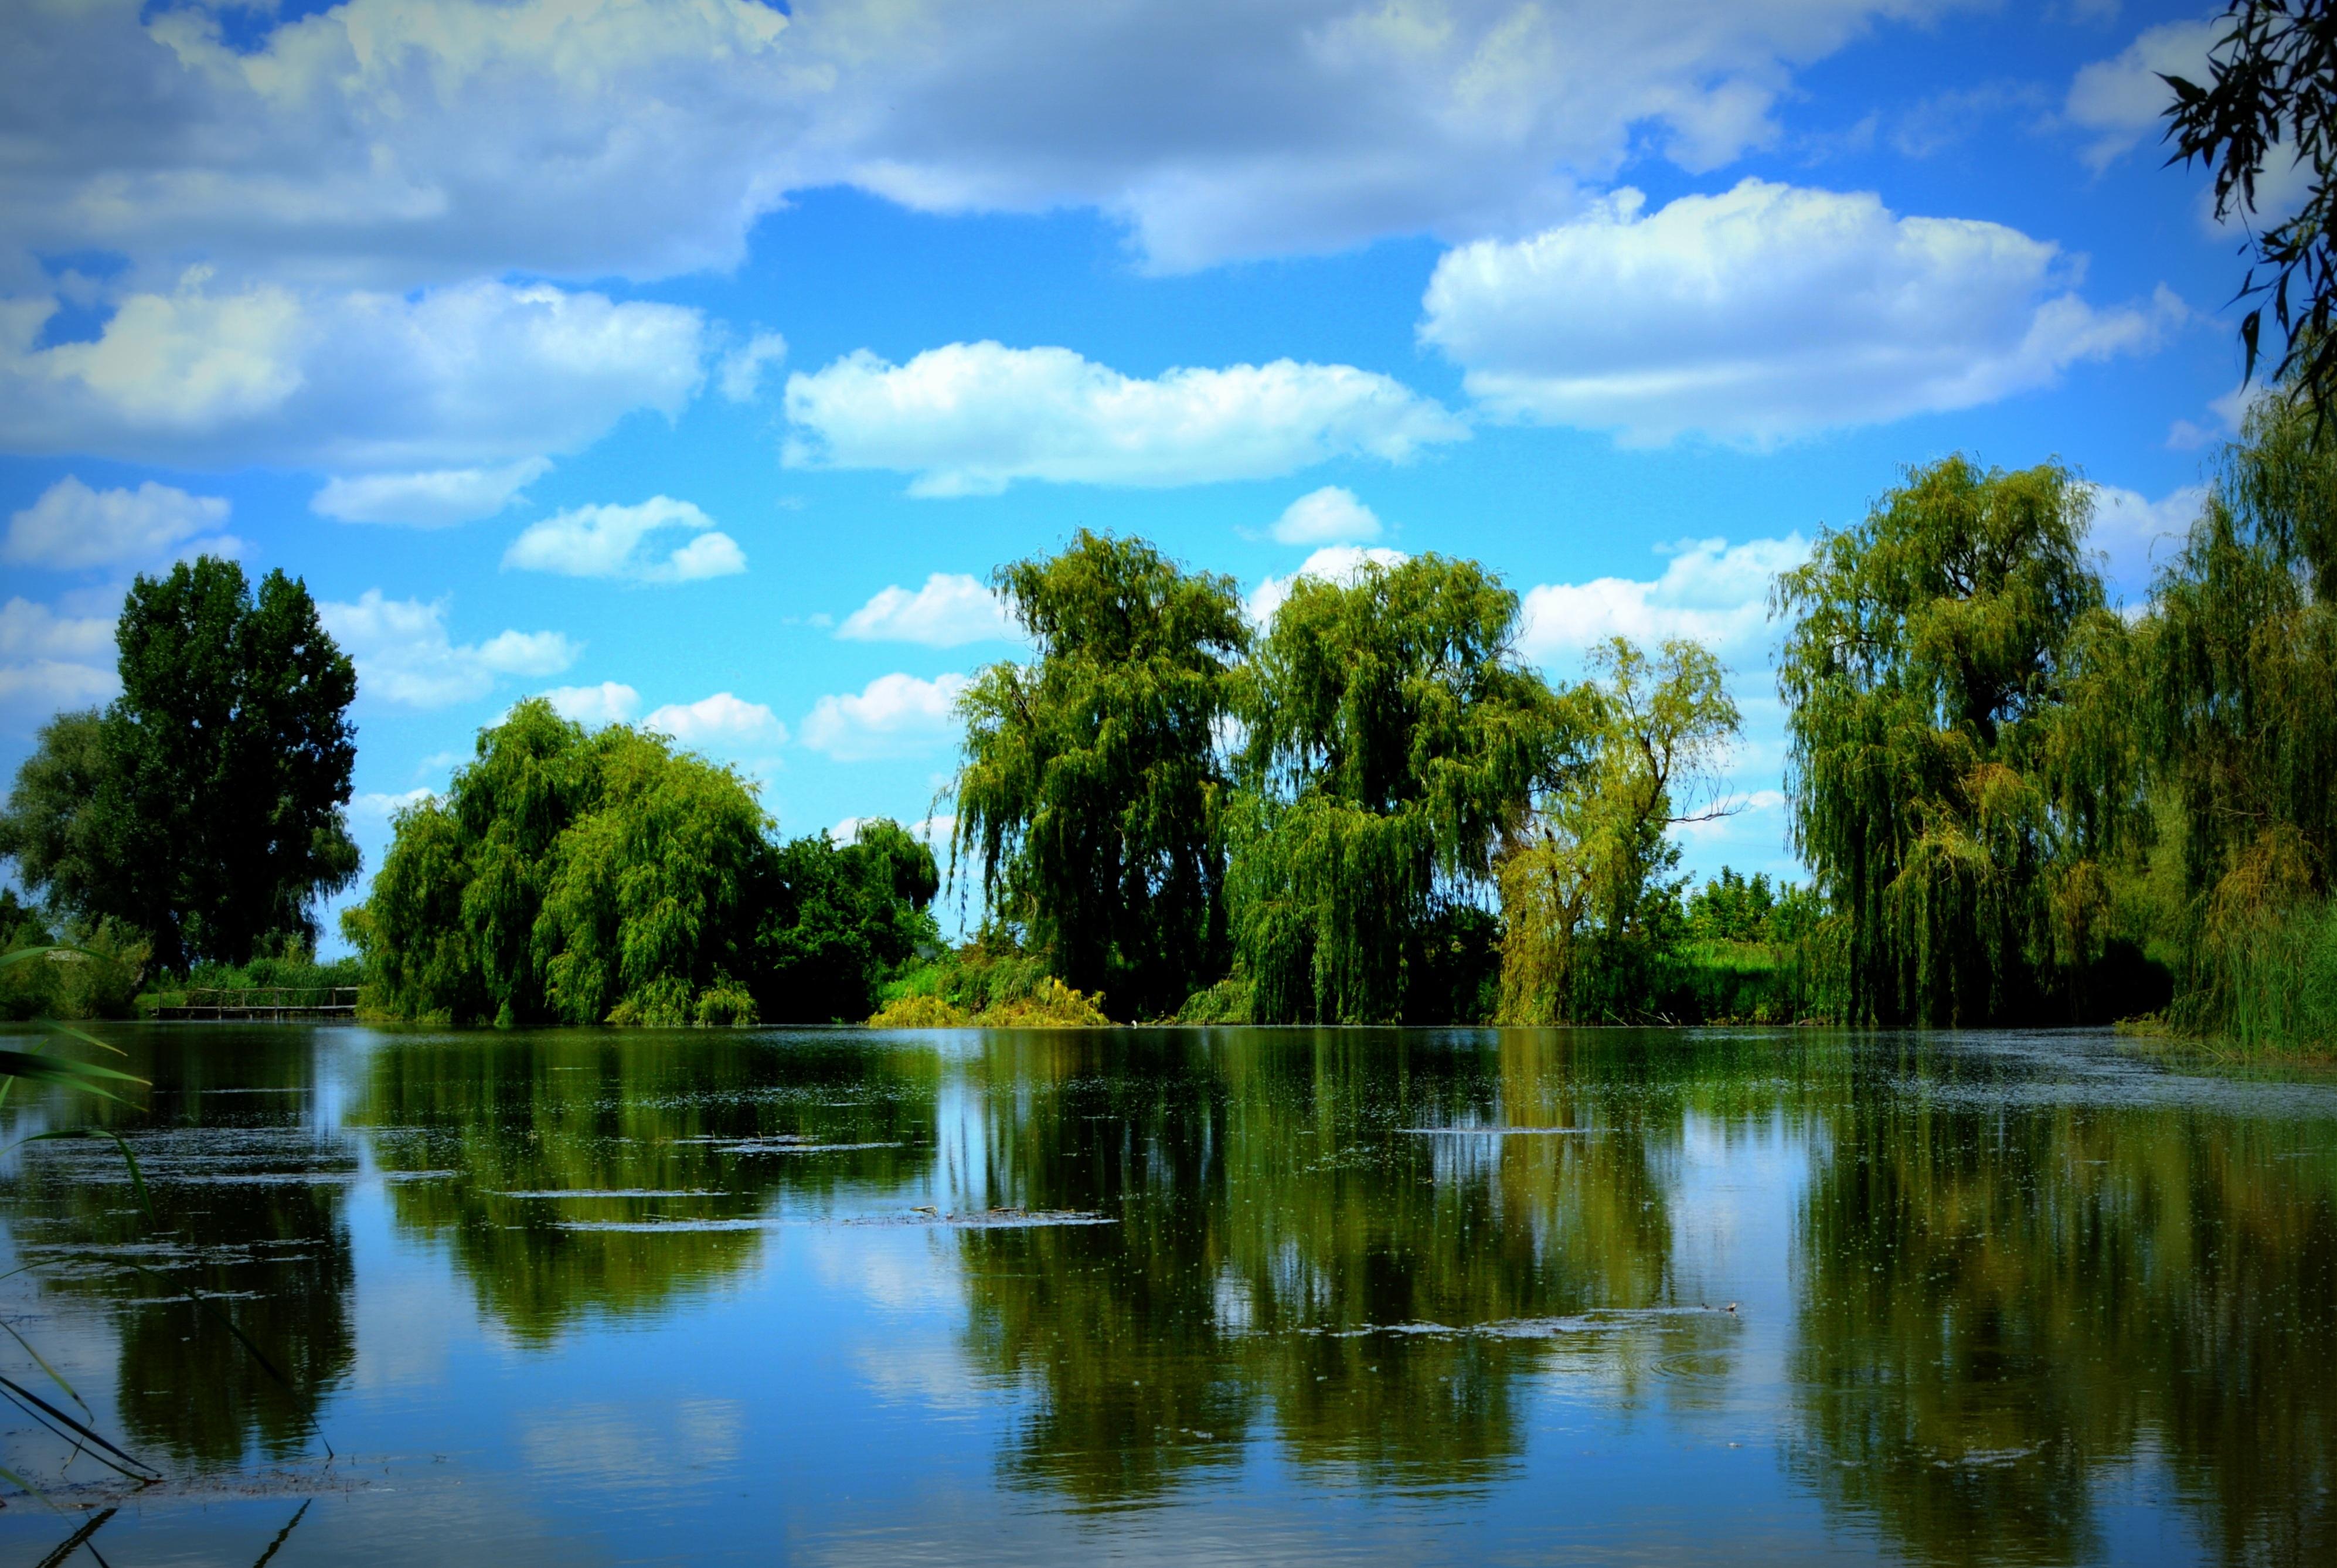 картинки на рабочий стол реки озера летом это